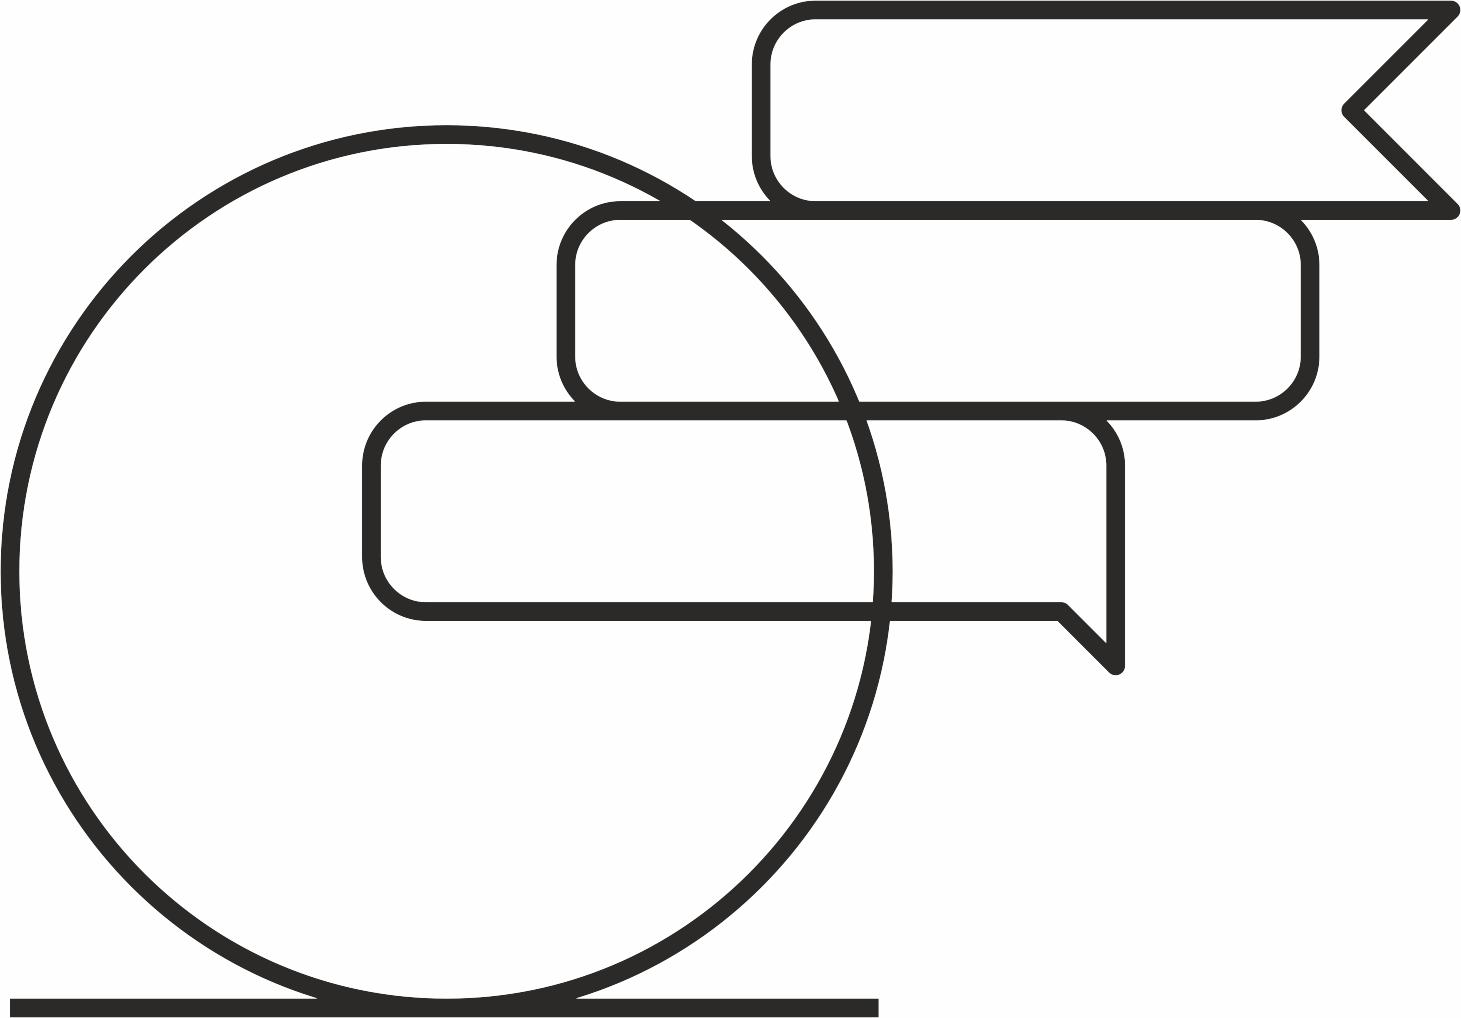 Придумать концепцию логотипа группы компаний фото f_7885b759b50afa75.jpg